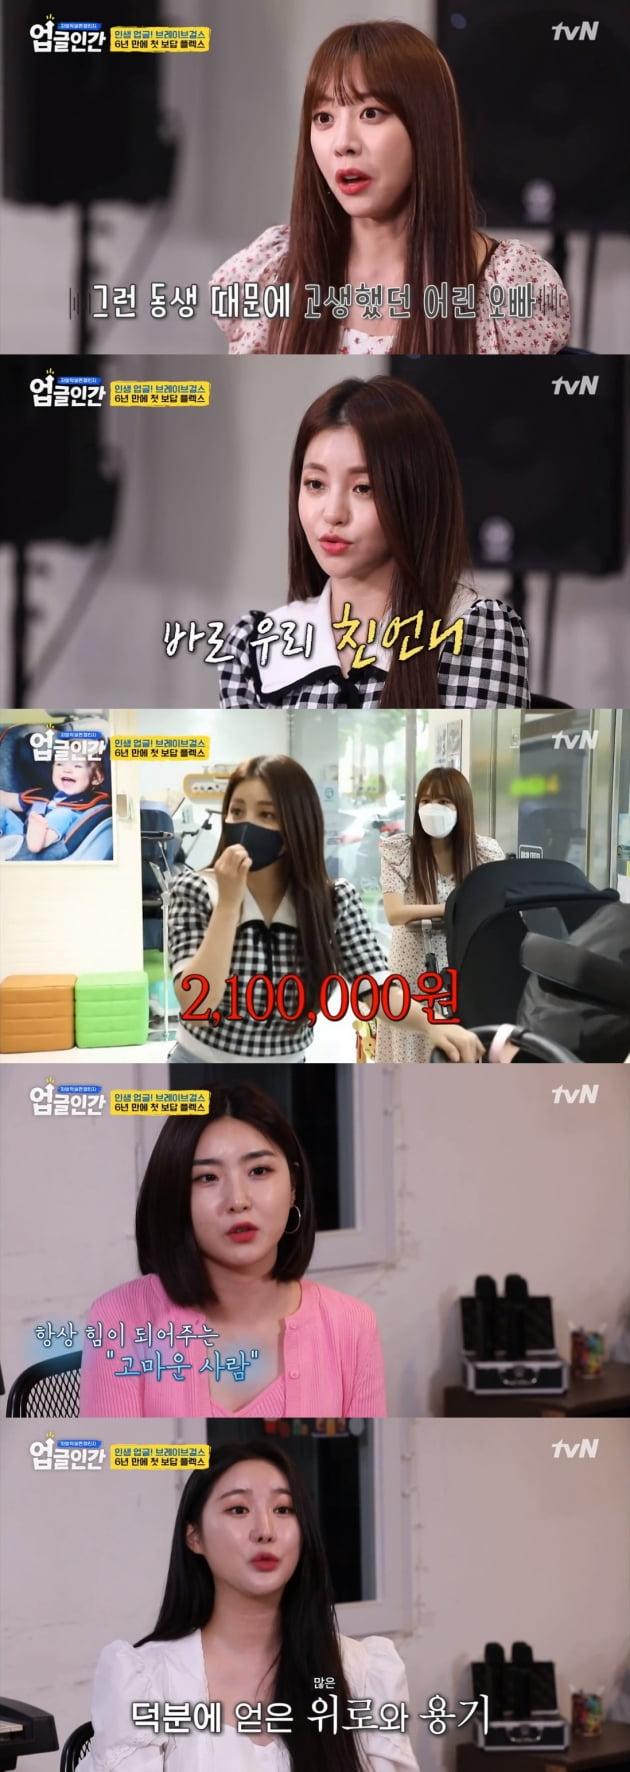 '업글인간' 브레이브걸스/ 사진=tvN 캡처